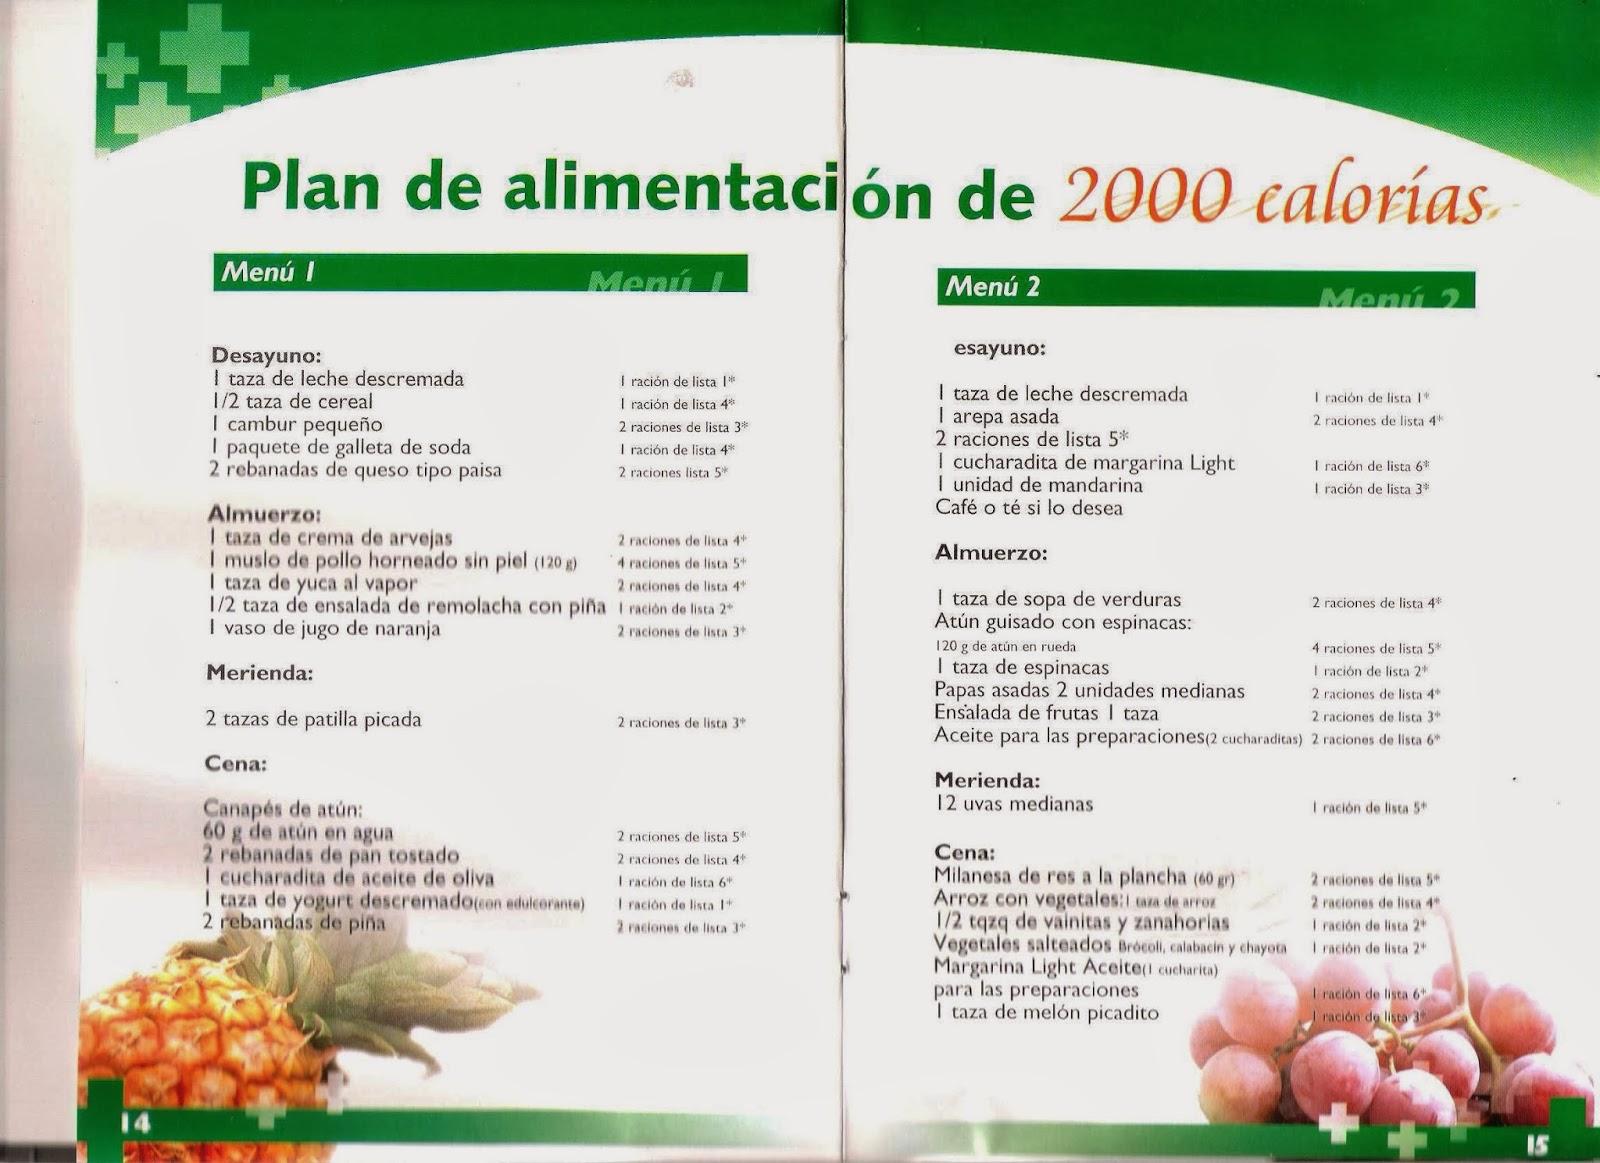 Plan de alimentación de 2000 calorías